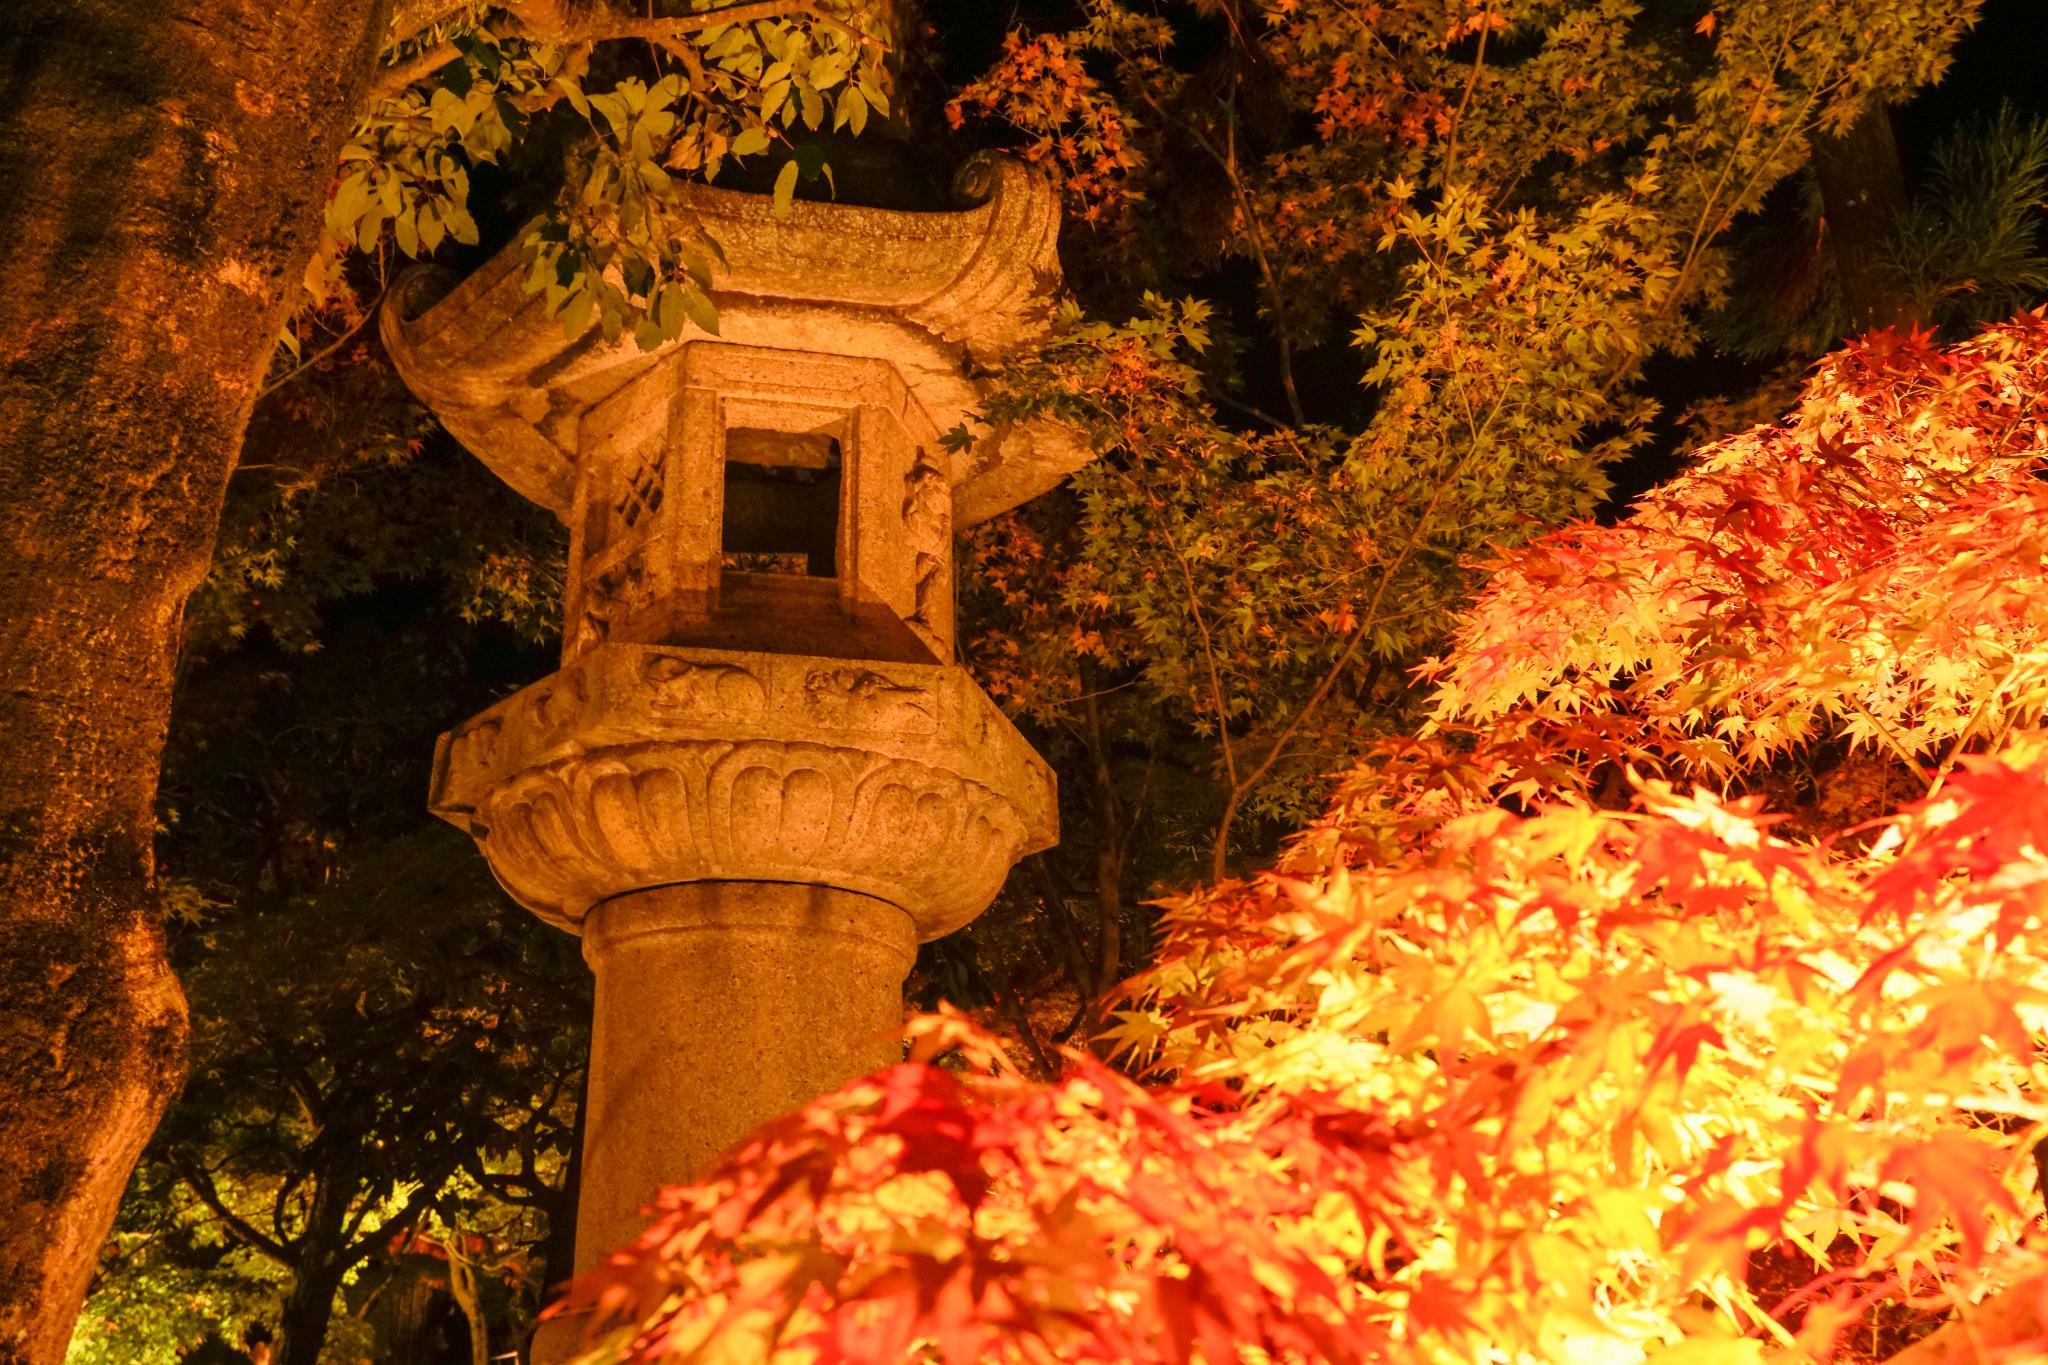 【京都】此生必來的紅葉狩絕景 - 永觀堂夜楓 116